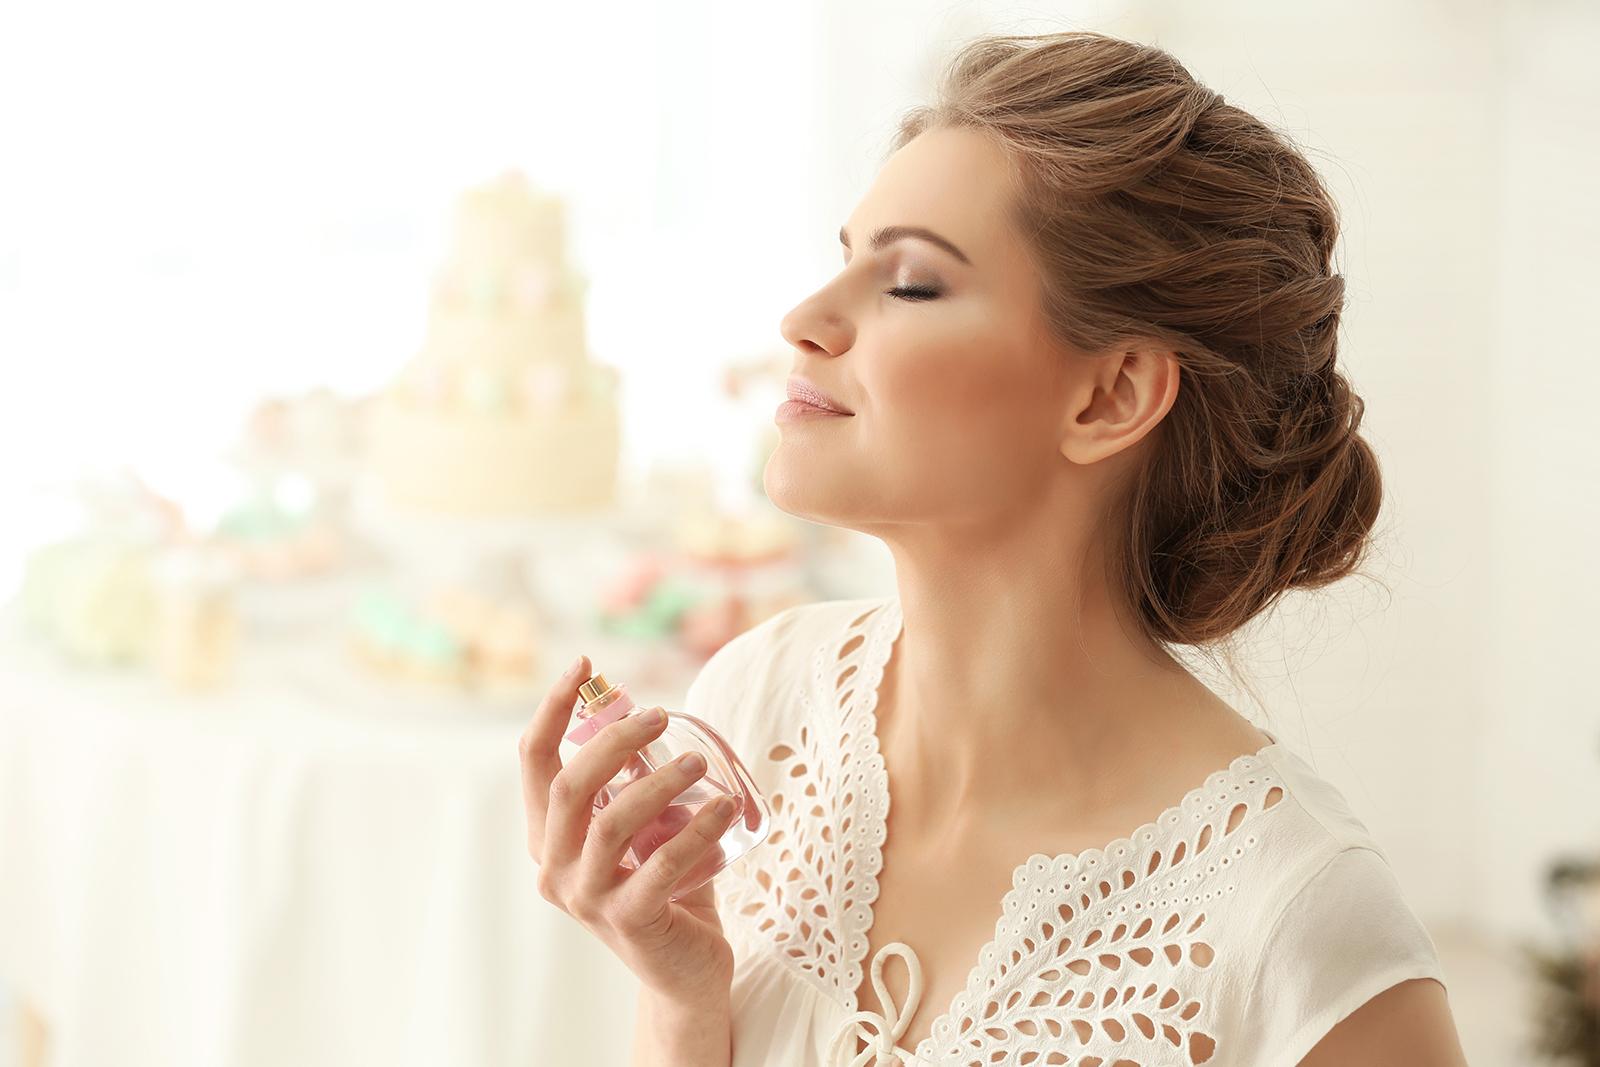 香水のつけ方の基本 ふんわりとよい香りがするアパレル女子も参考に/Photo by Africa Studio